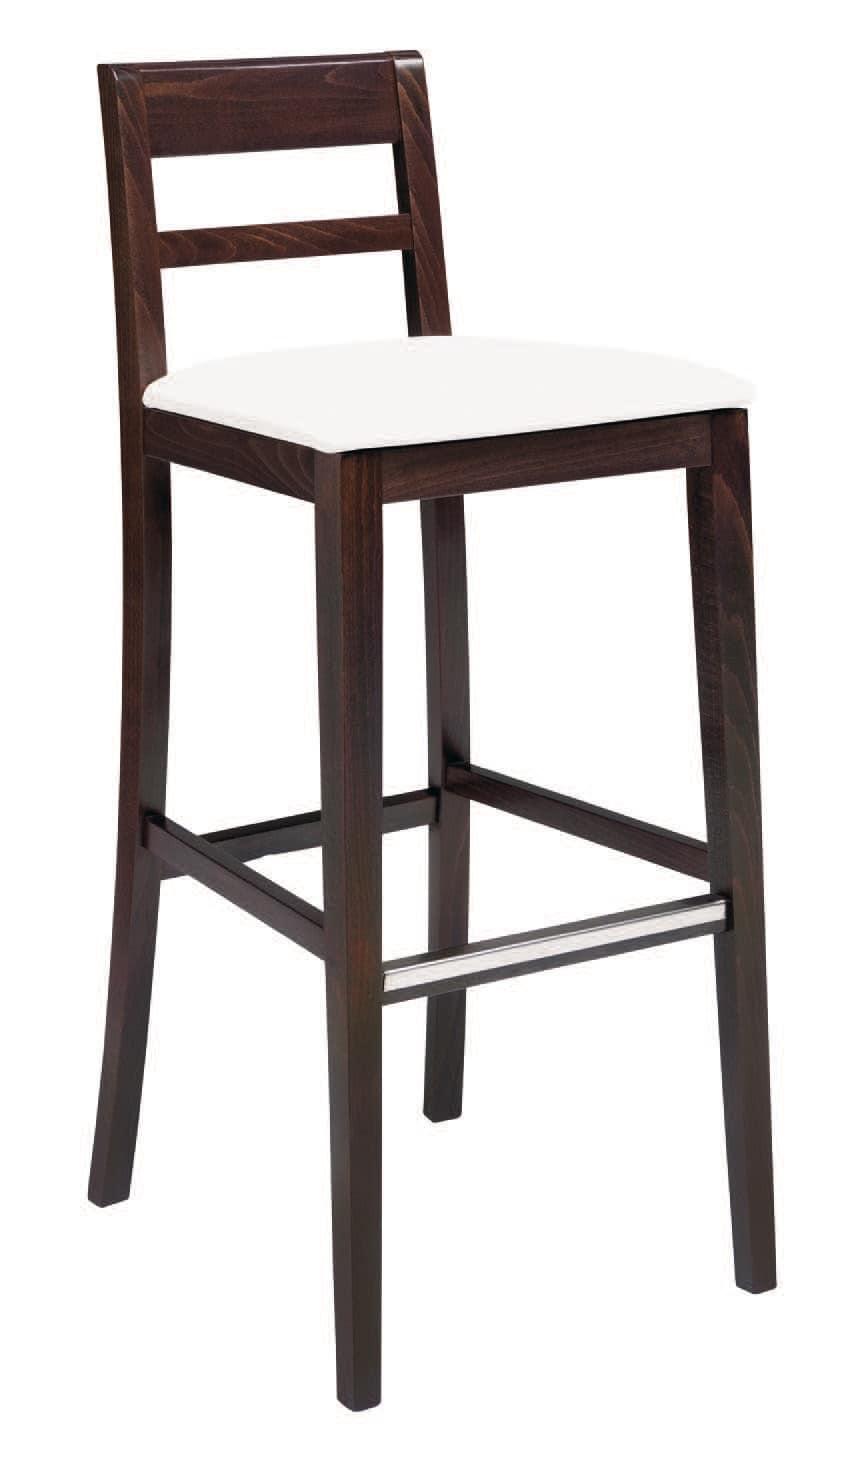 SG 490 / EI, Sgabello in legno verniciato, seduta rivestita in ecopelle